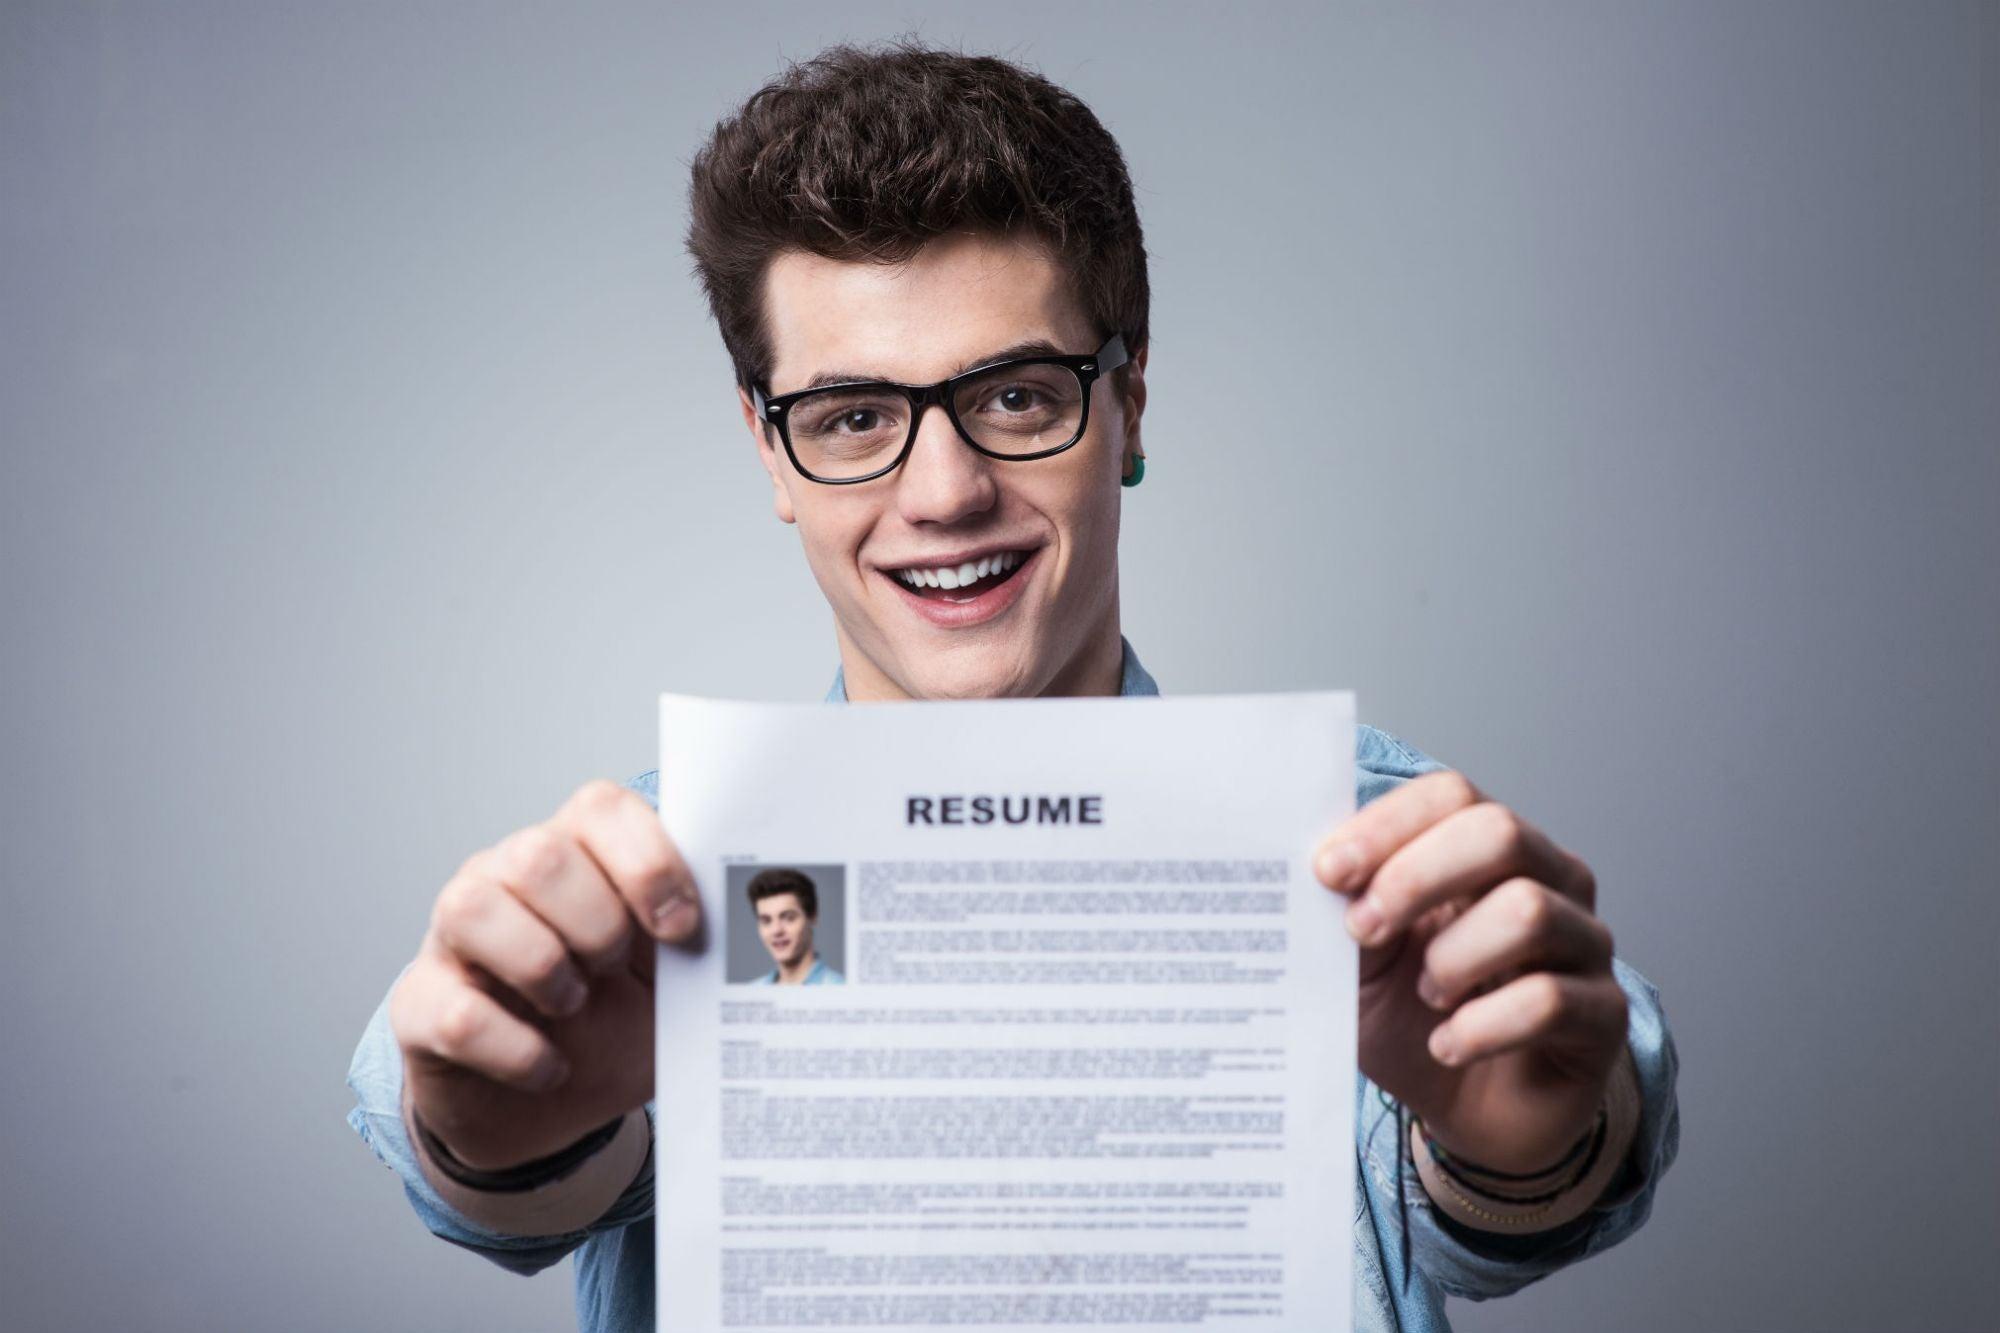 La guía básica de 4 puntos que necesitas para escribir el CV ...